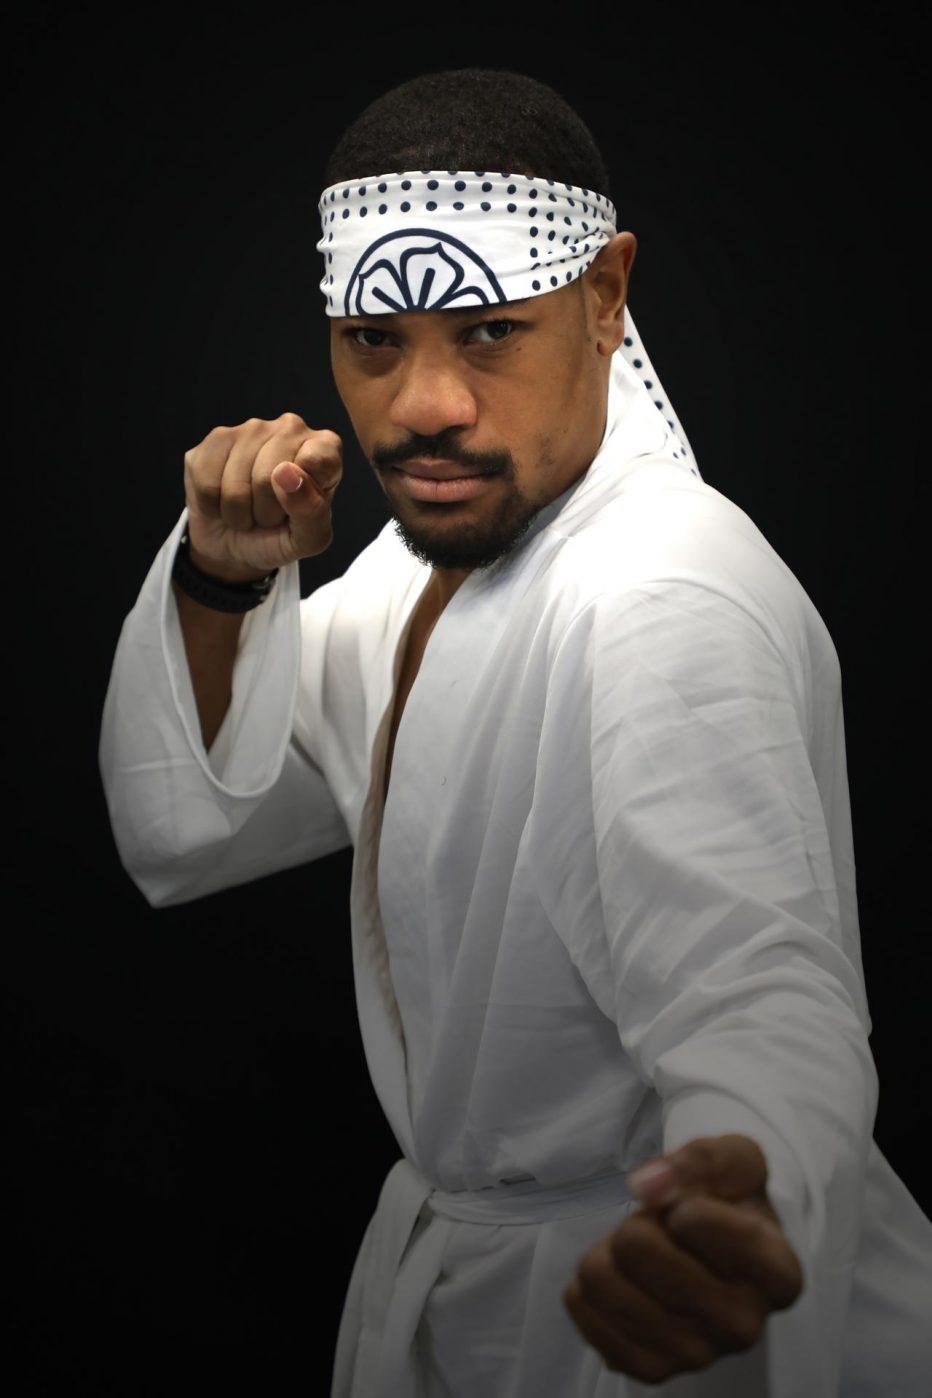 The-Karate-Kid-Cosplay-Gamers-Heroes-4.jpg